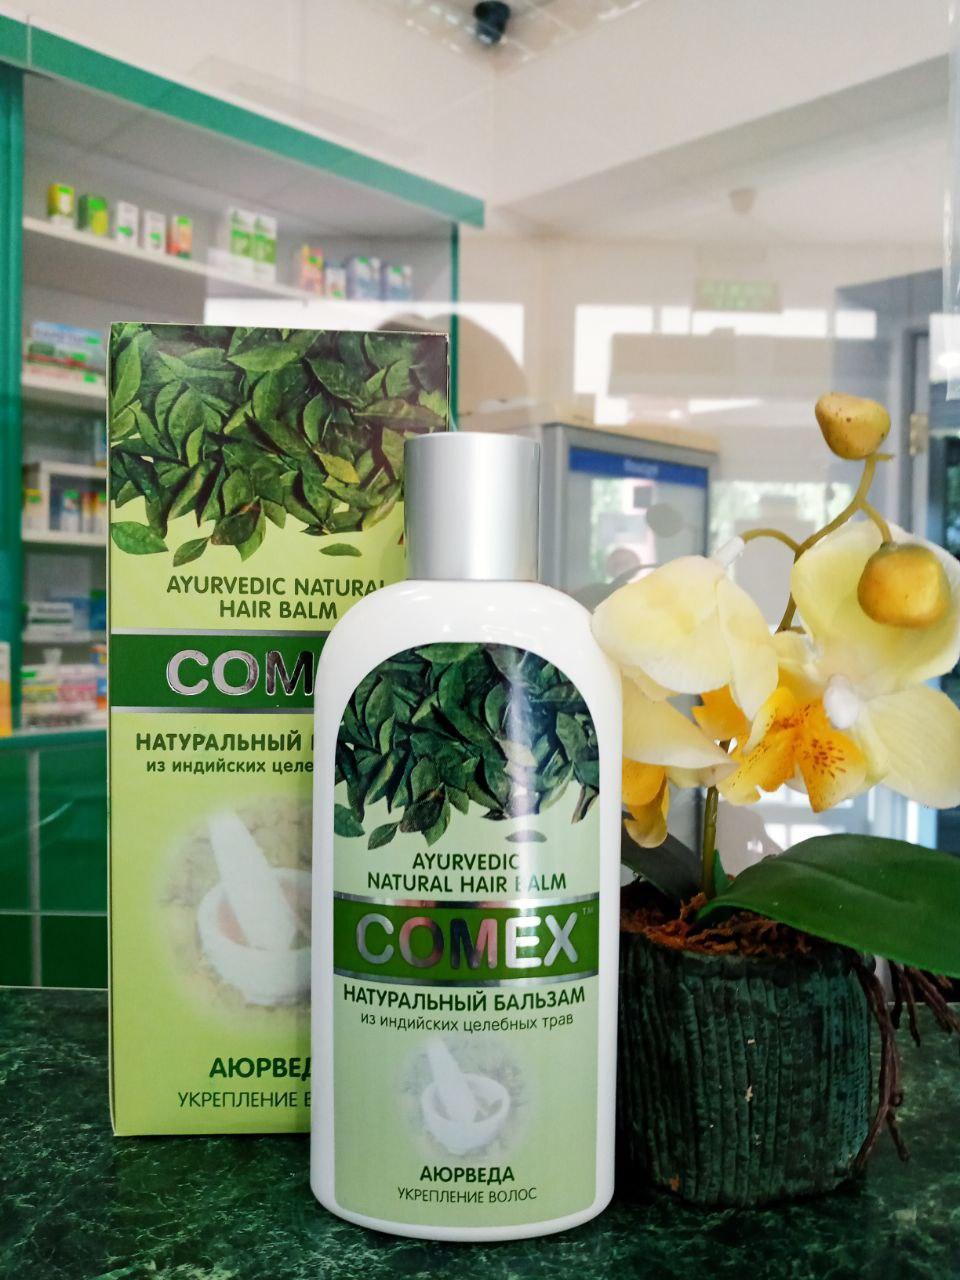 натуральный бальзам для волос Comex из индийских растений на основе Ним для укрепления и питания волос